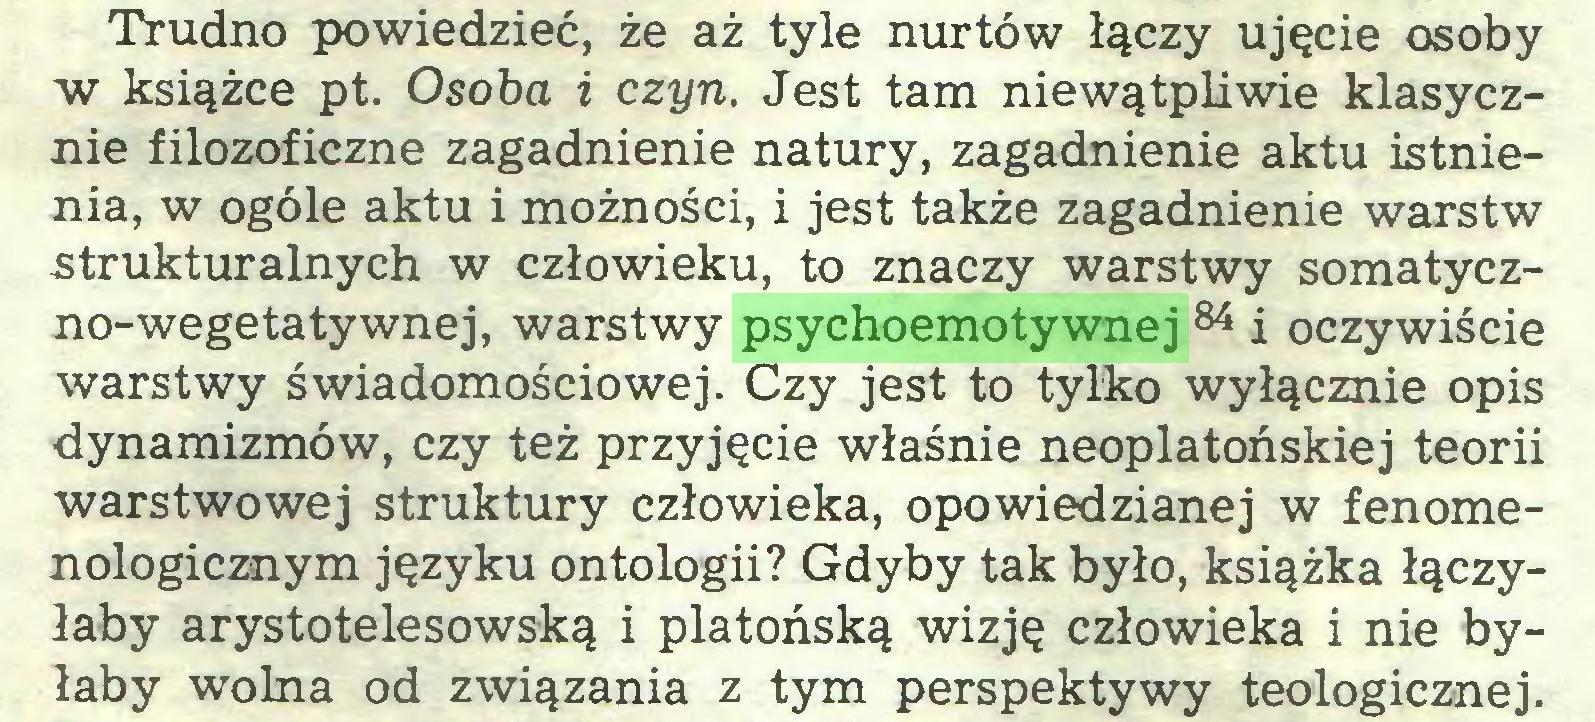 (...) Trudno powiedzieć, że aż tyle nurtów łączy ujęcie osoby w książce pt. Osoba i czyn. Jest tam niewątpliwie klasycznie filozoficzne zagadnienie natury, zagadnienie aktu istnienia, w ogóle aktu i możności, i jest także zagadnienie warstw -strukturalnych w człowieku, to znaczy warstwy somatyczno-wegetatywnej, warstwy psychoemotywnej 84 i oczywiście warstwy świadomościowej. Czy jest to tylko wyłącznie opis dynamizmów, czy też przyjęcie właśnie neoplatońskiej teorii warstwowej struktury człowieka, opowiedzianej w fenomenologicznym języku ontologii? Gdyby tak było, książka łączyłaby arystotelesowską i platońską wizję człowieka i nie byłaby wolna od związania z tym perspektywy teologicznej...